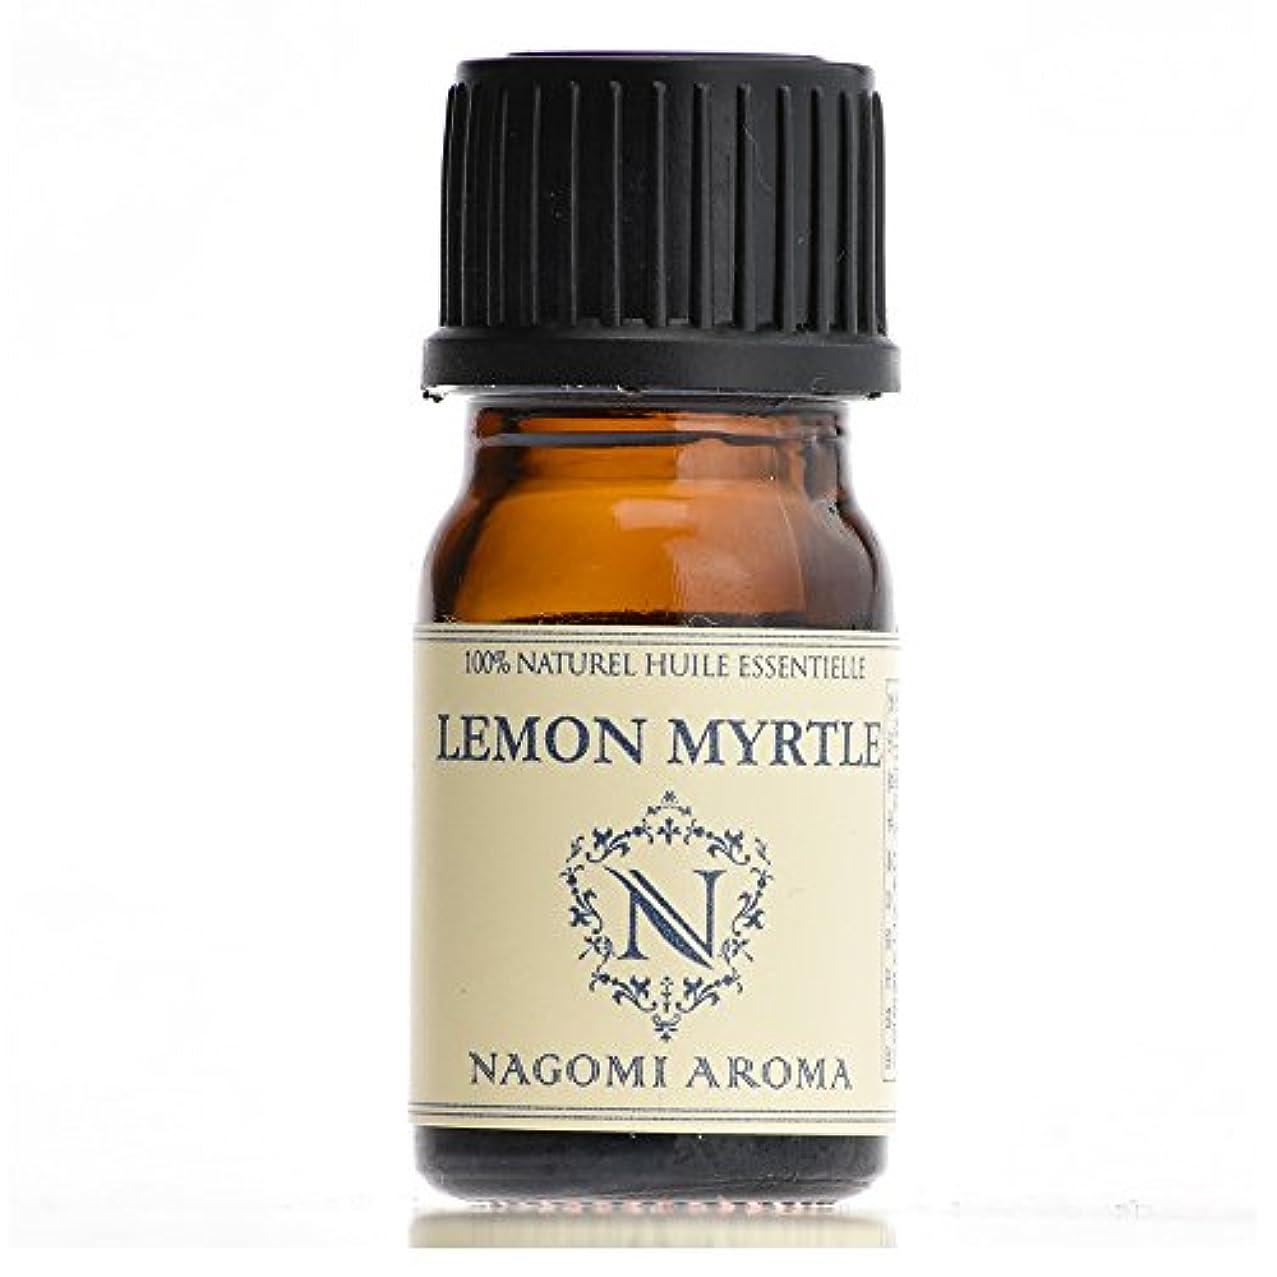 黒バーター四回【AEAJ認定表示基準認定精油】NAGOMI PURE レモンマートル 5ml 【エッセンシャルオイル】【精油】【アロマオイル】|CONVOILs